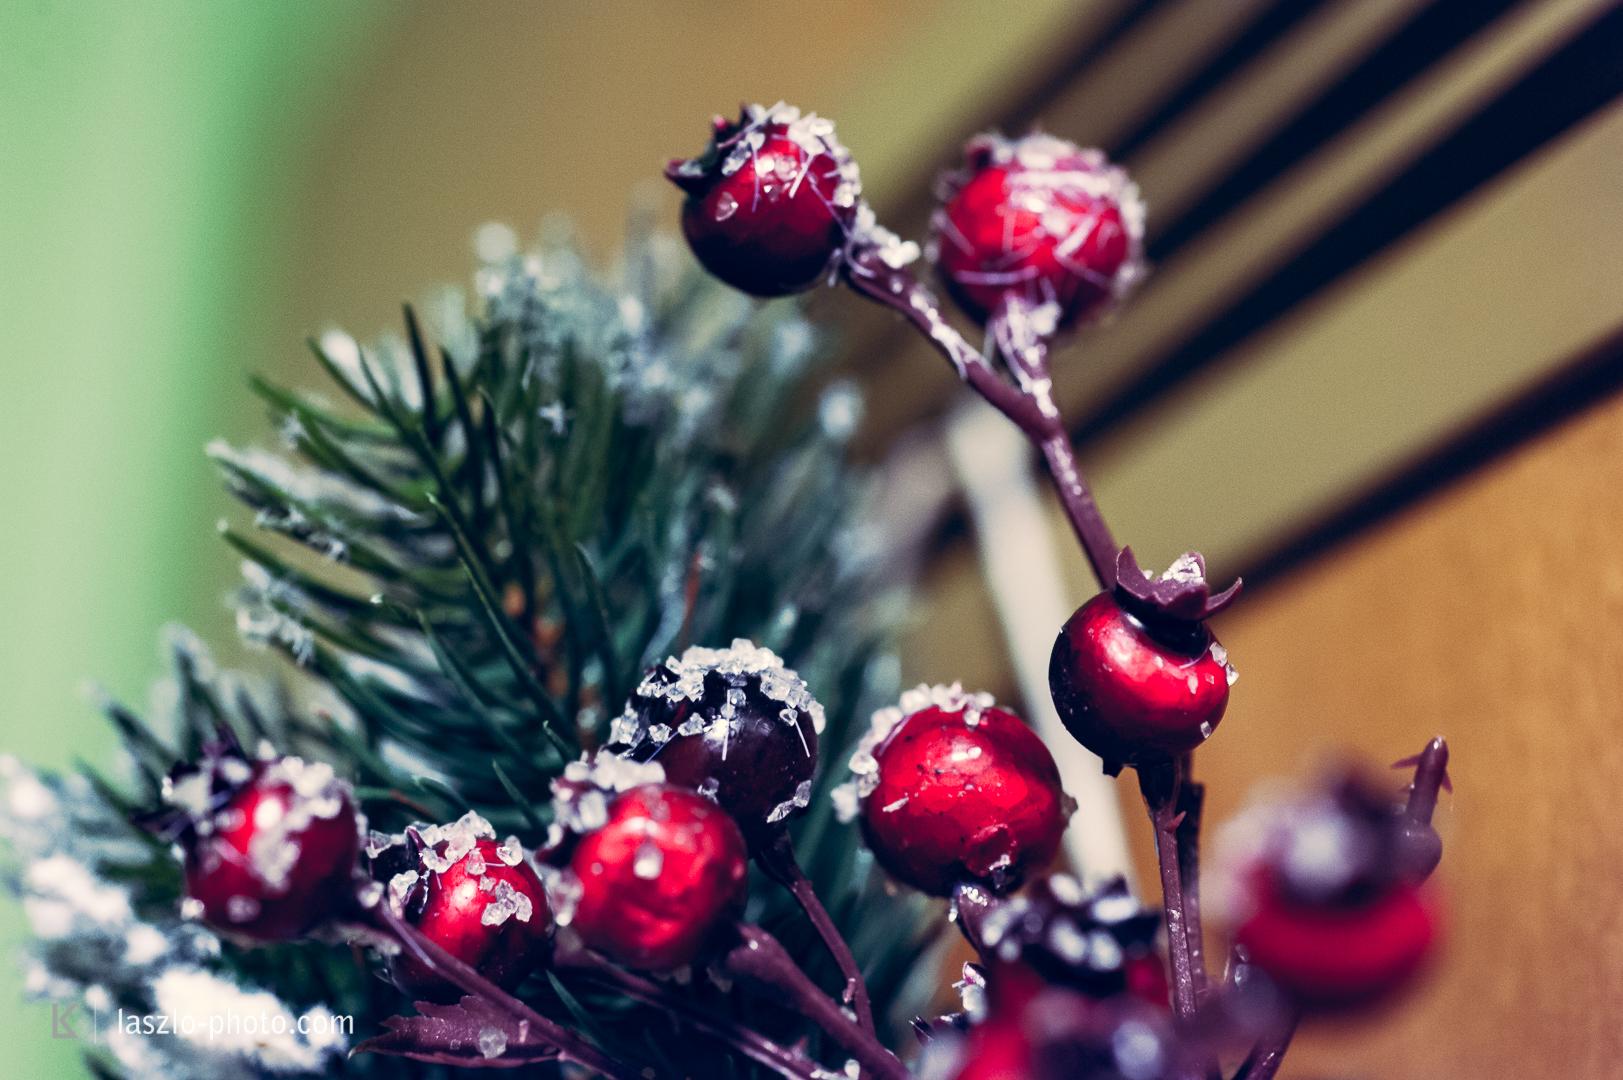 20161224_Weihnachten_Christbaum-4731